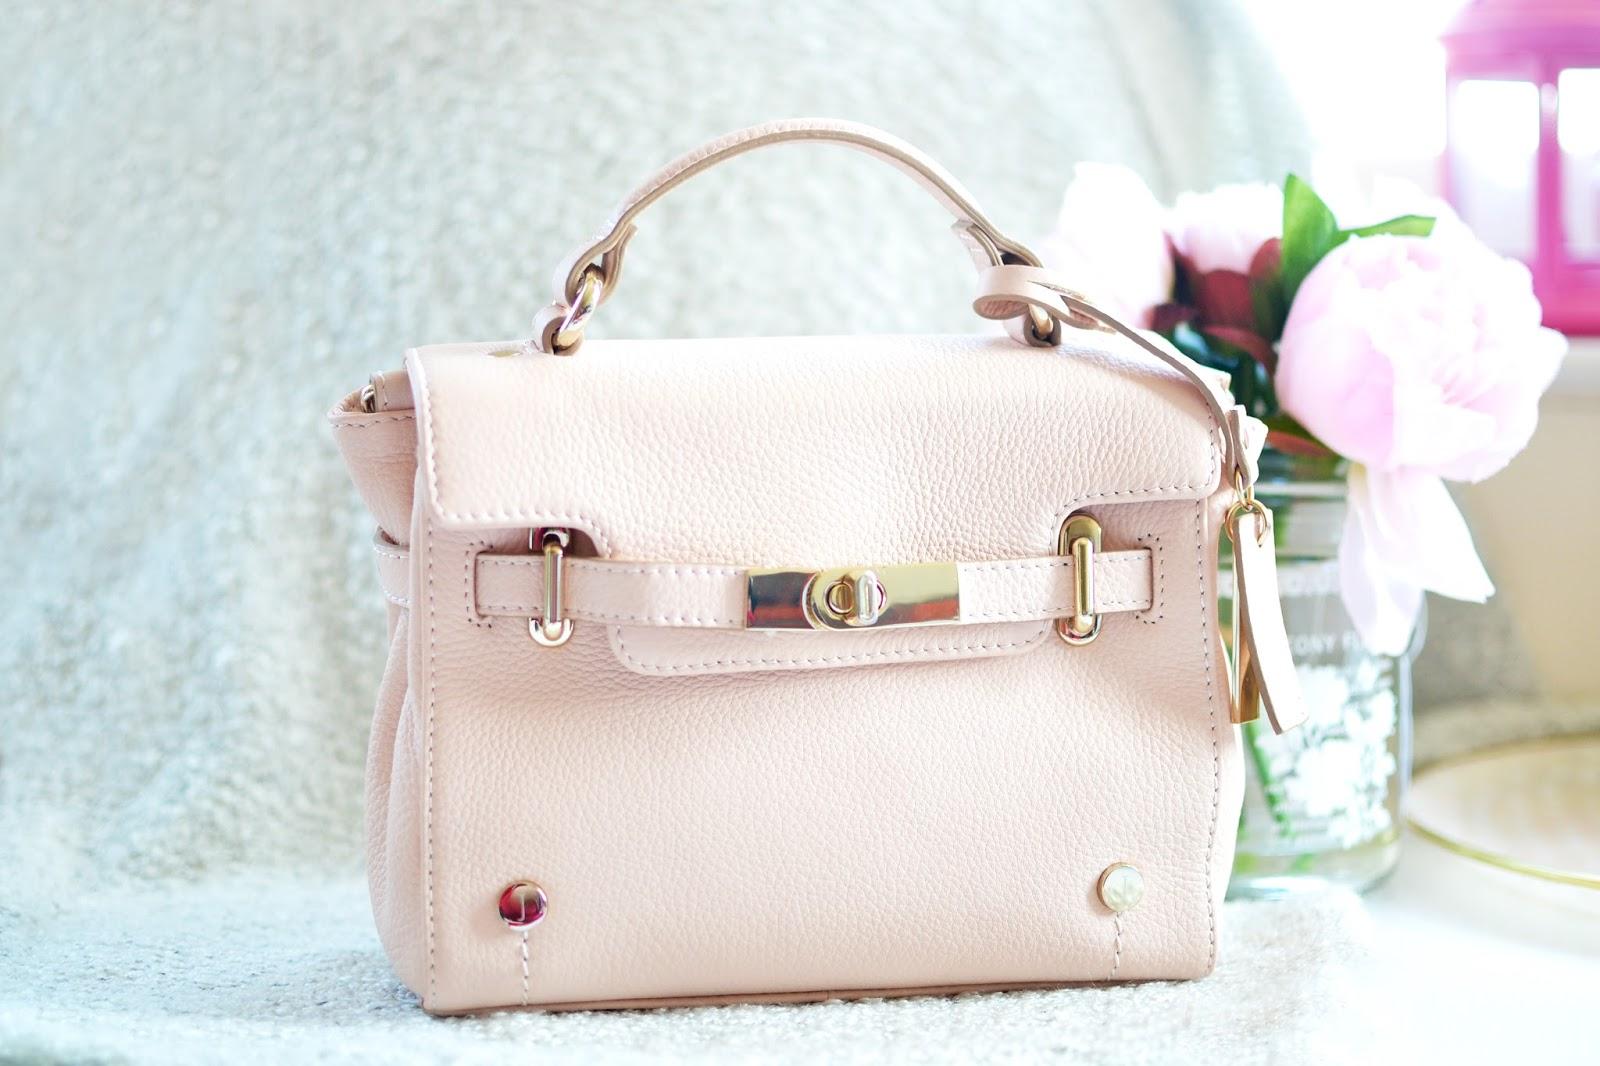 Pink mini bag by jasper conran